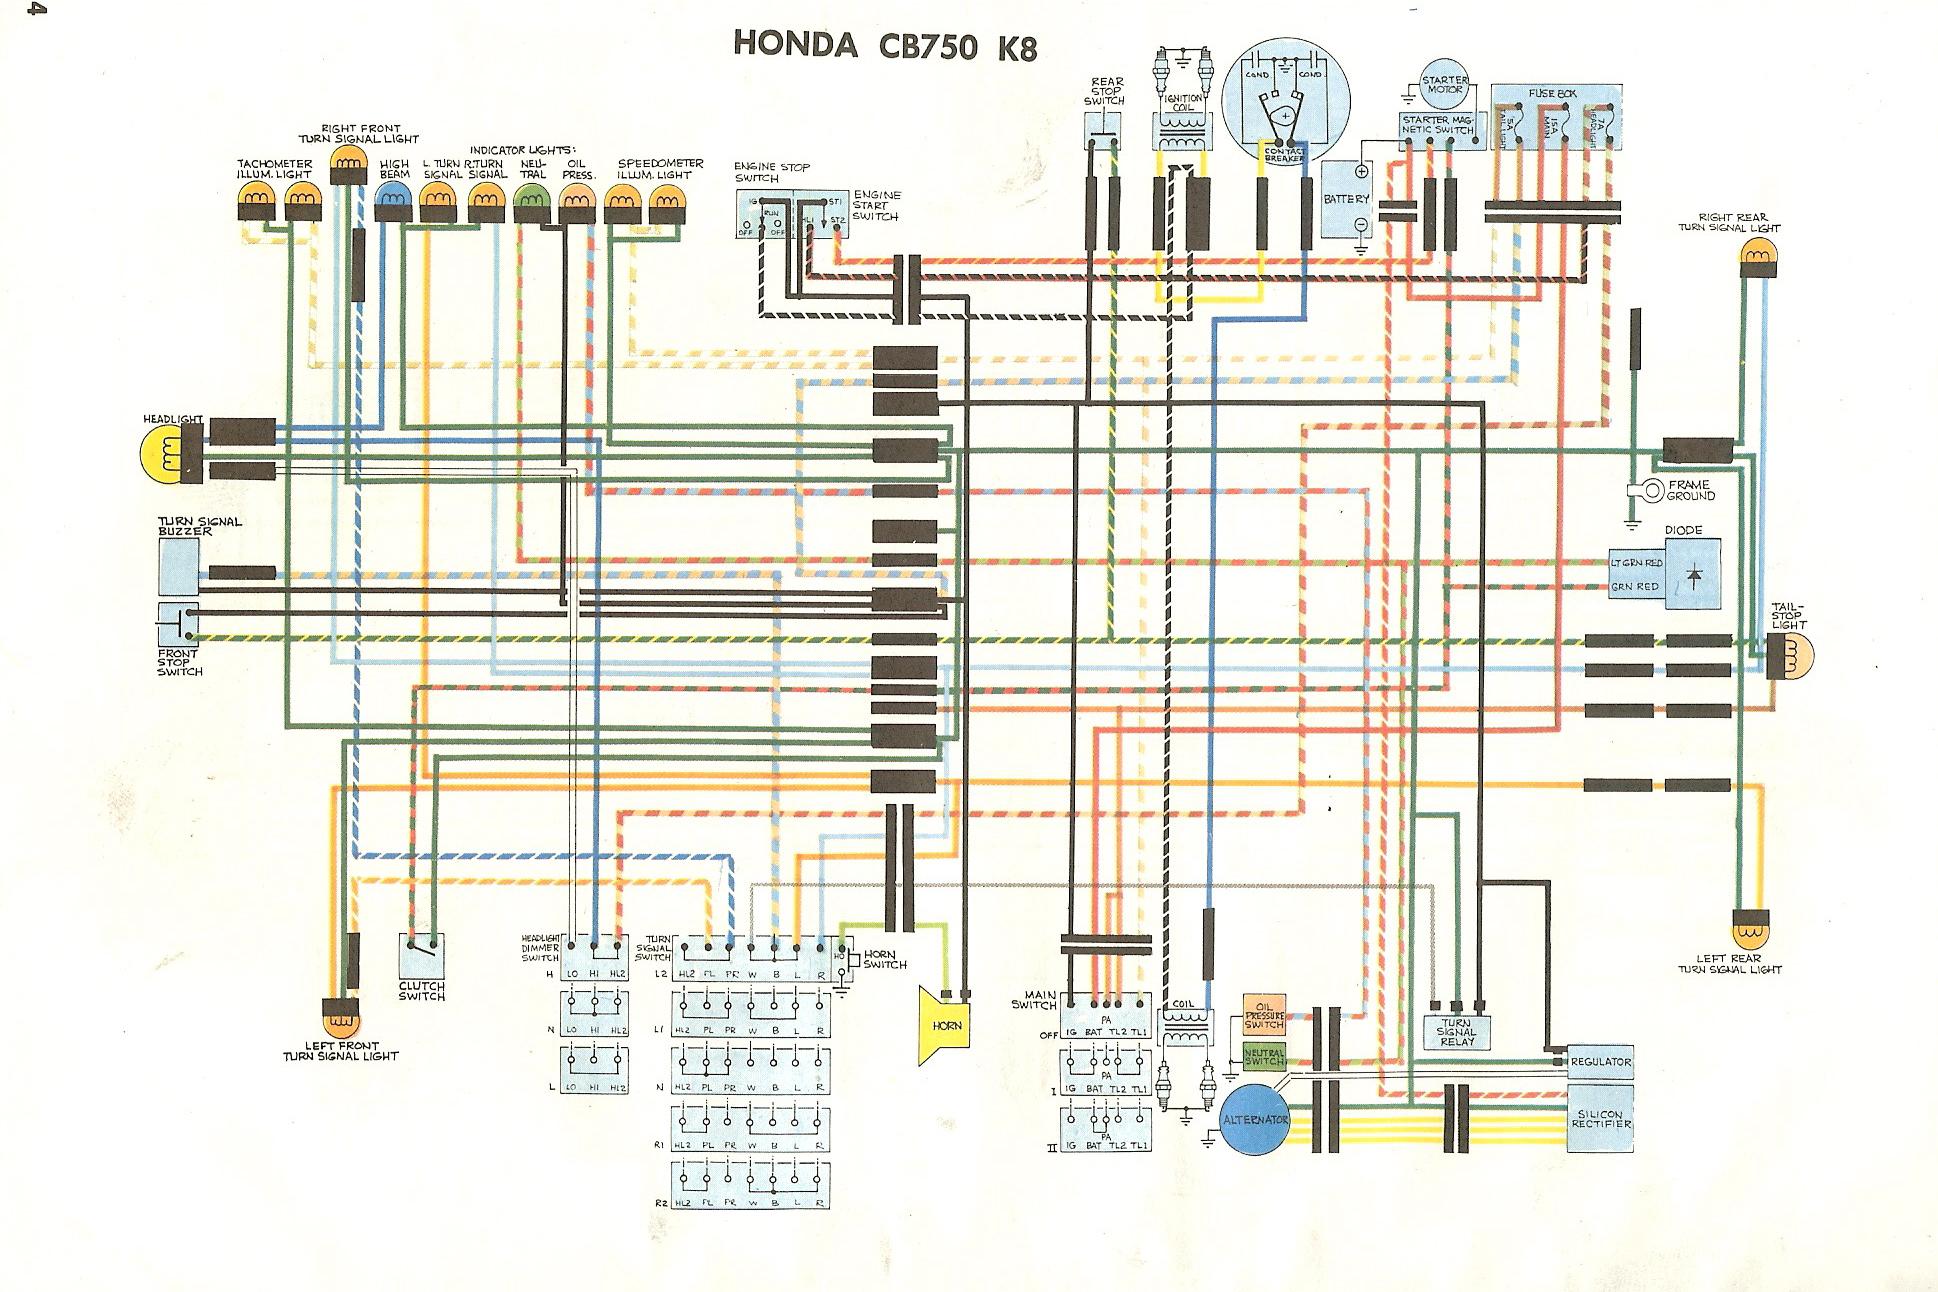 Diagram Honda Nighthawk Cb750 Wiring Diagram Full Version Hd Quality Wiring Diagram Blogxgoo Mefpie Fr